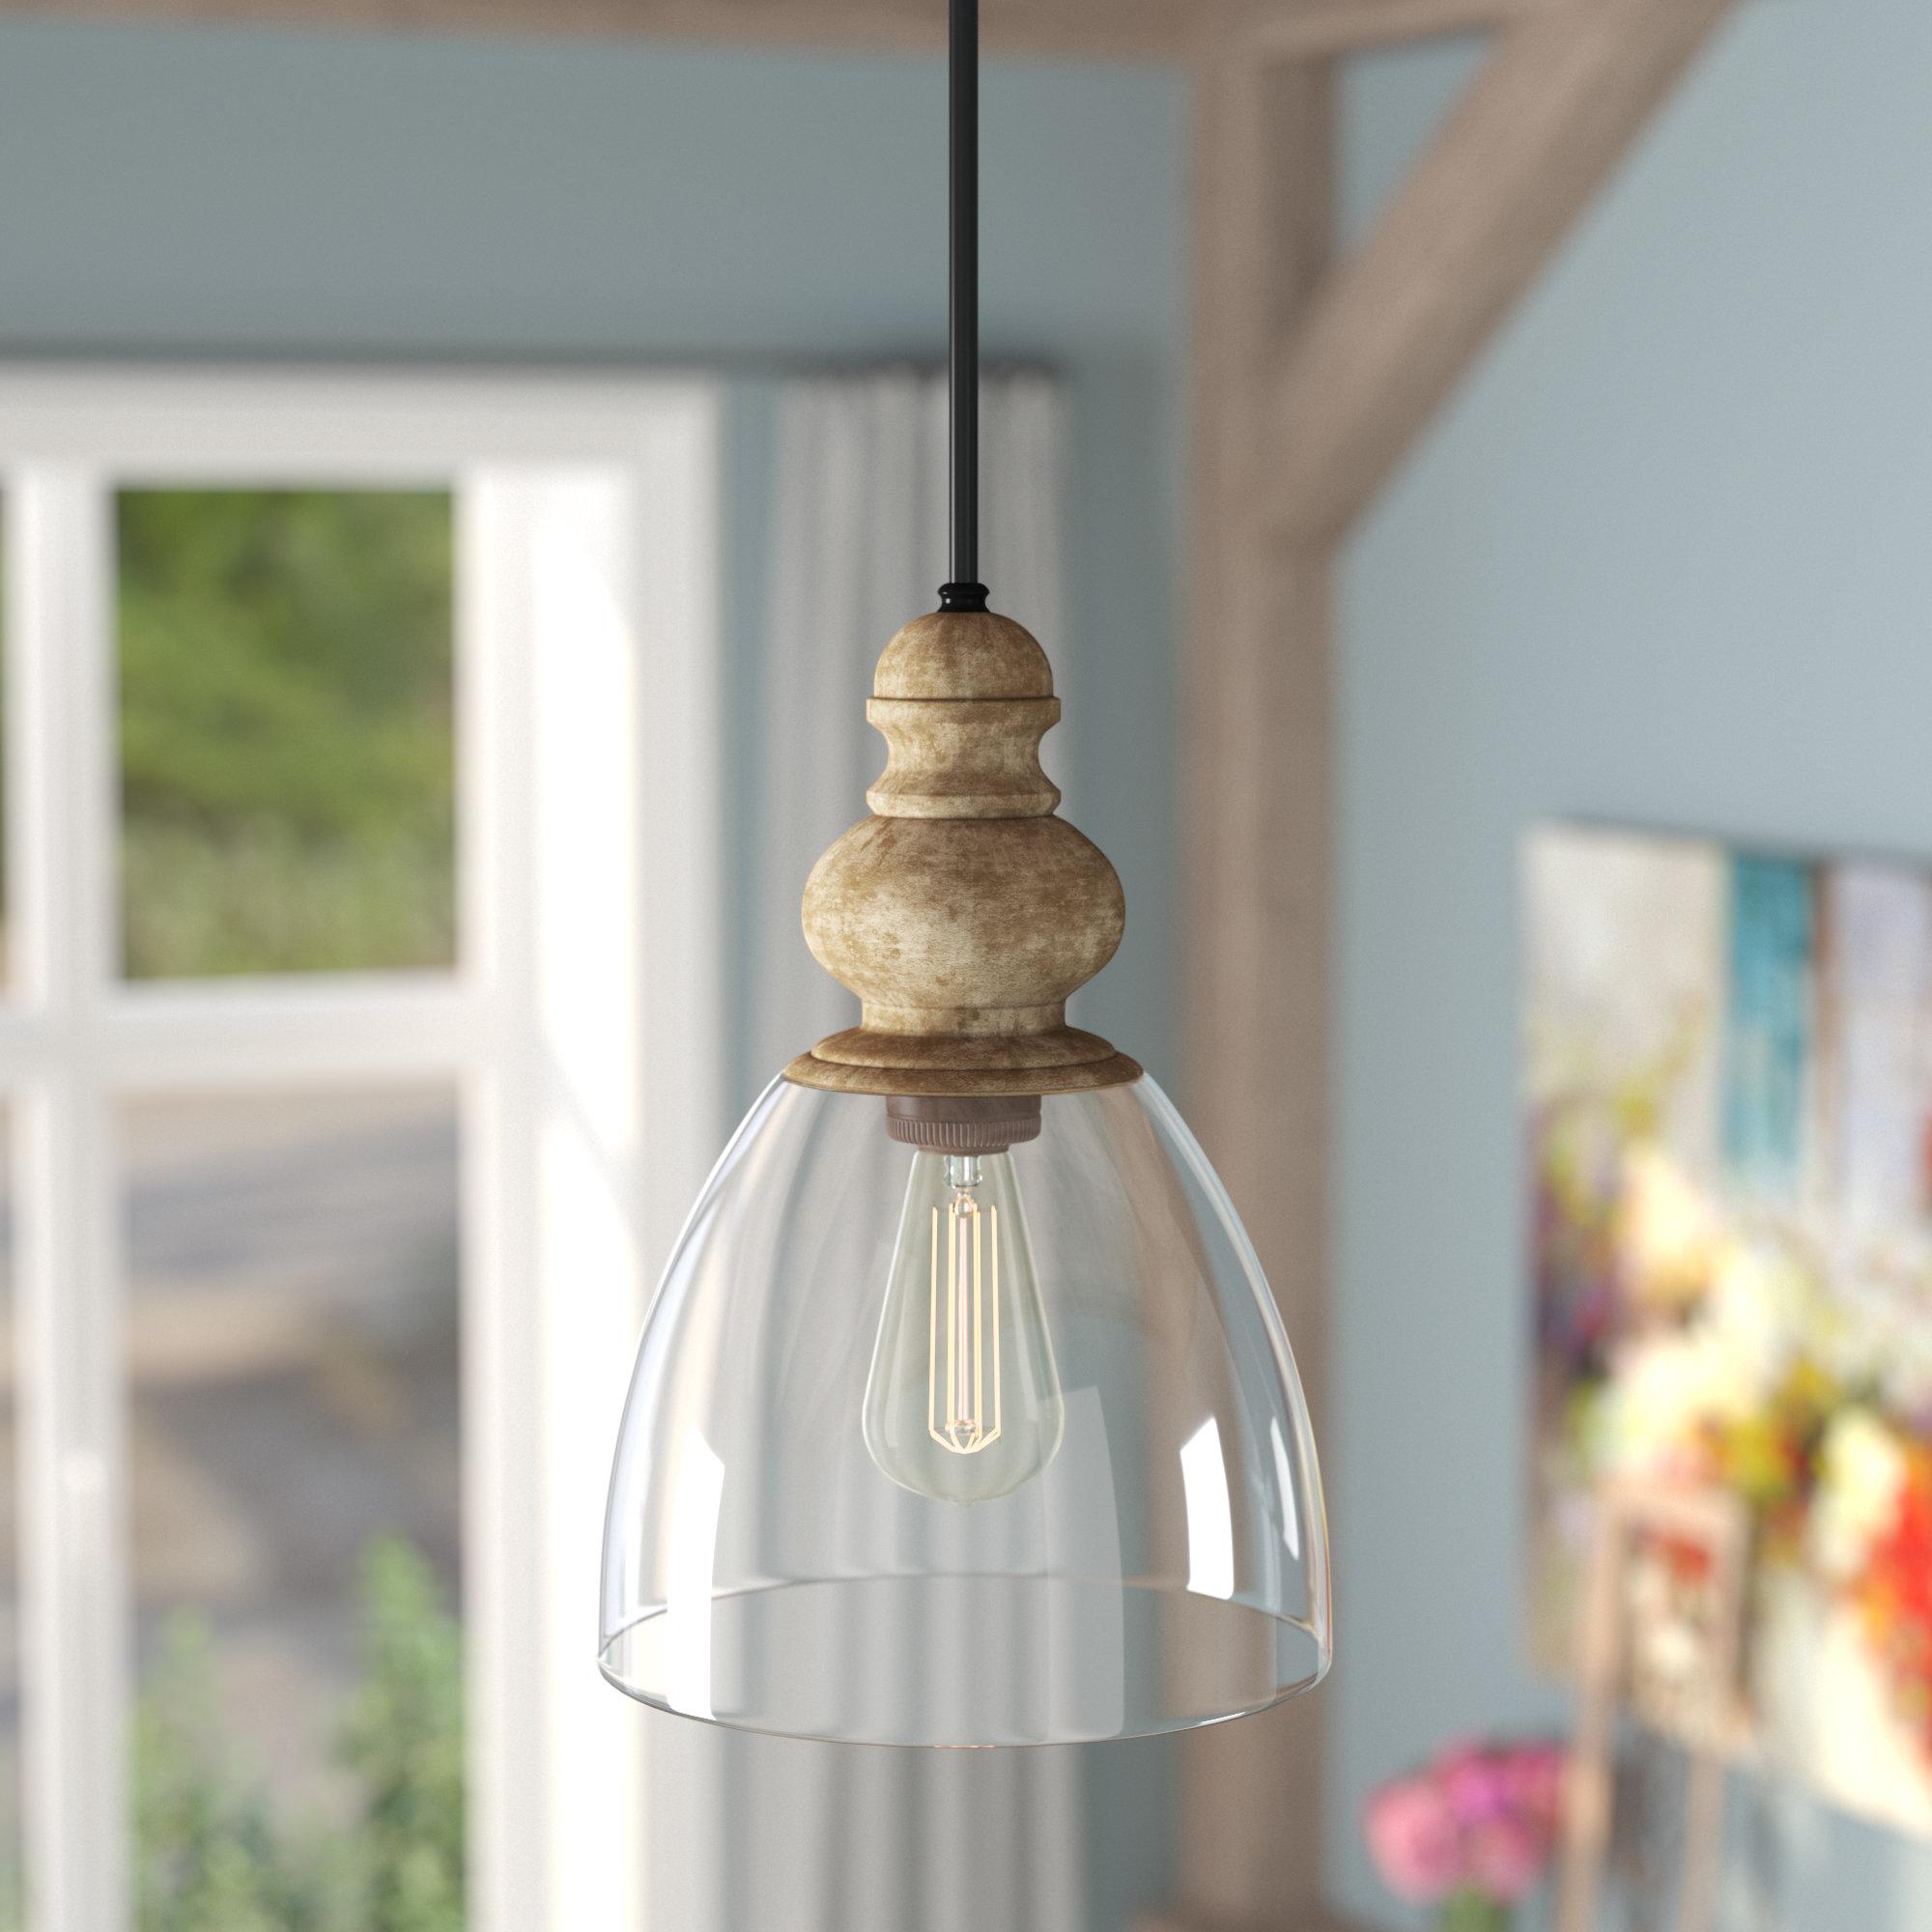 Lemelle 1 Light Single Bell Pendant Pertaining To 1 Light Single Bell Pendants (View 16 of 30)